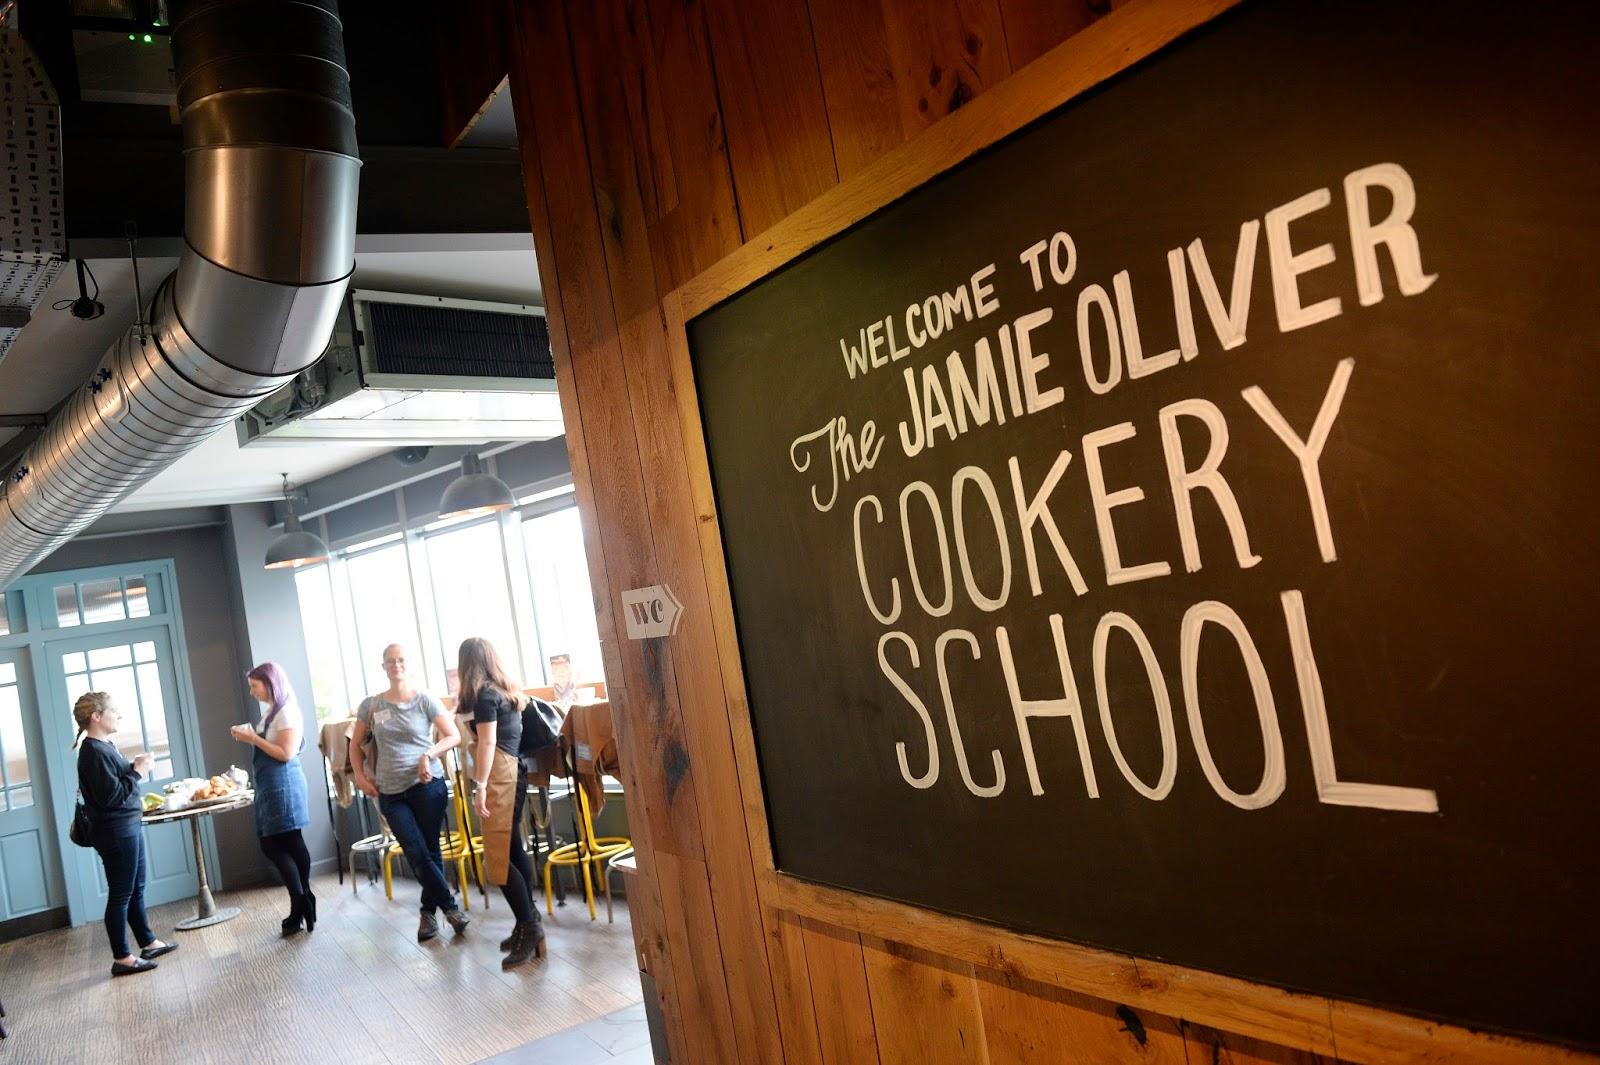 https://i.ibb.co/XfHkK8G/Jamie-Oliver-cookery-school.jpg